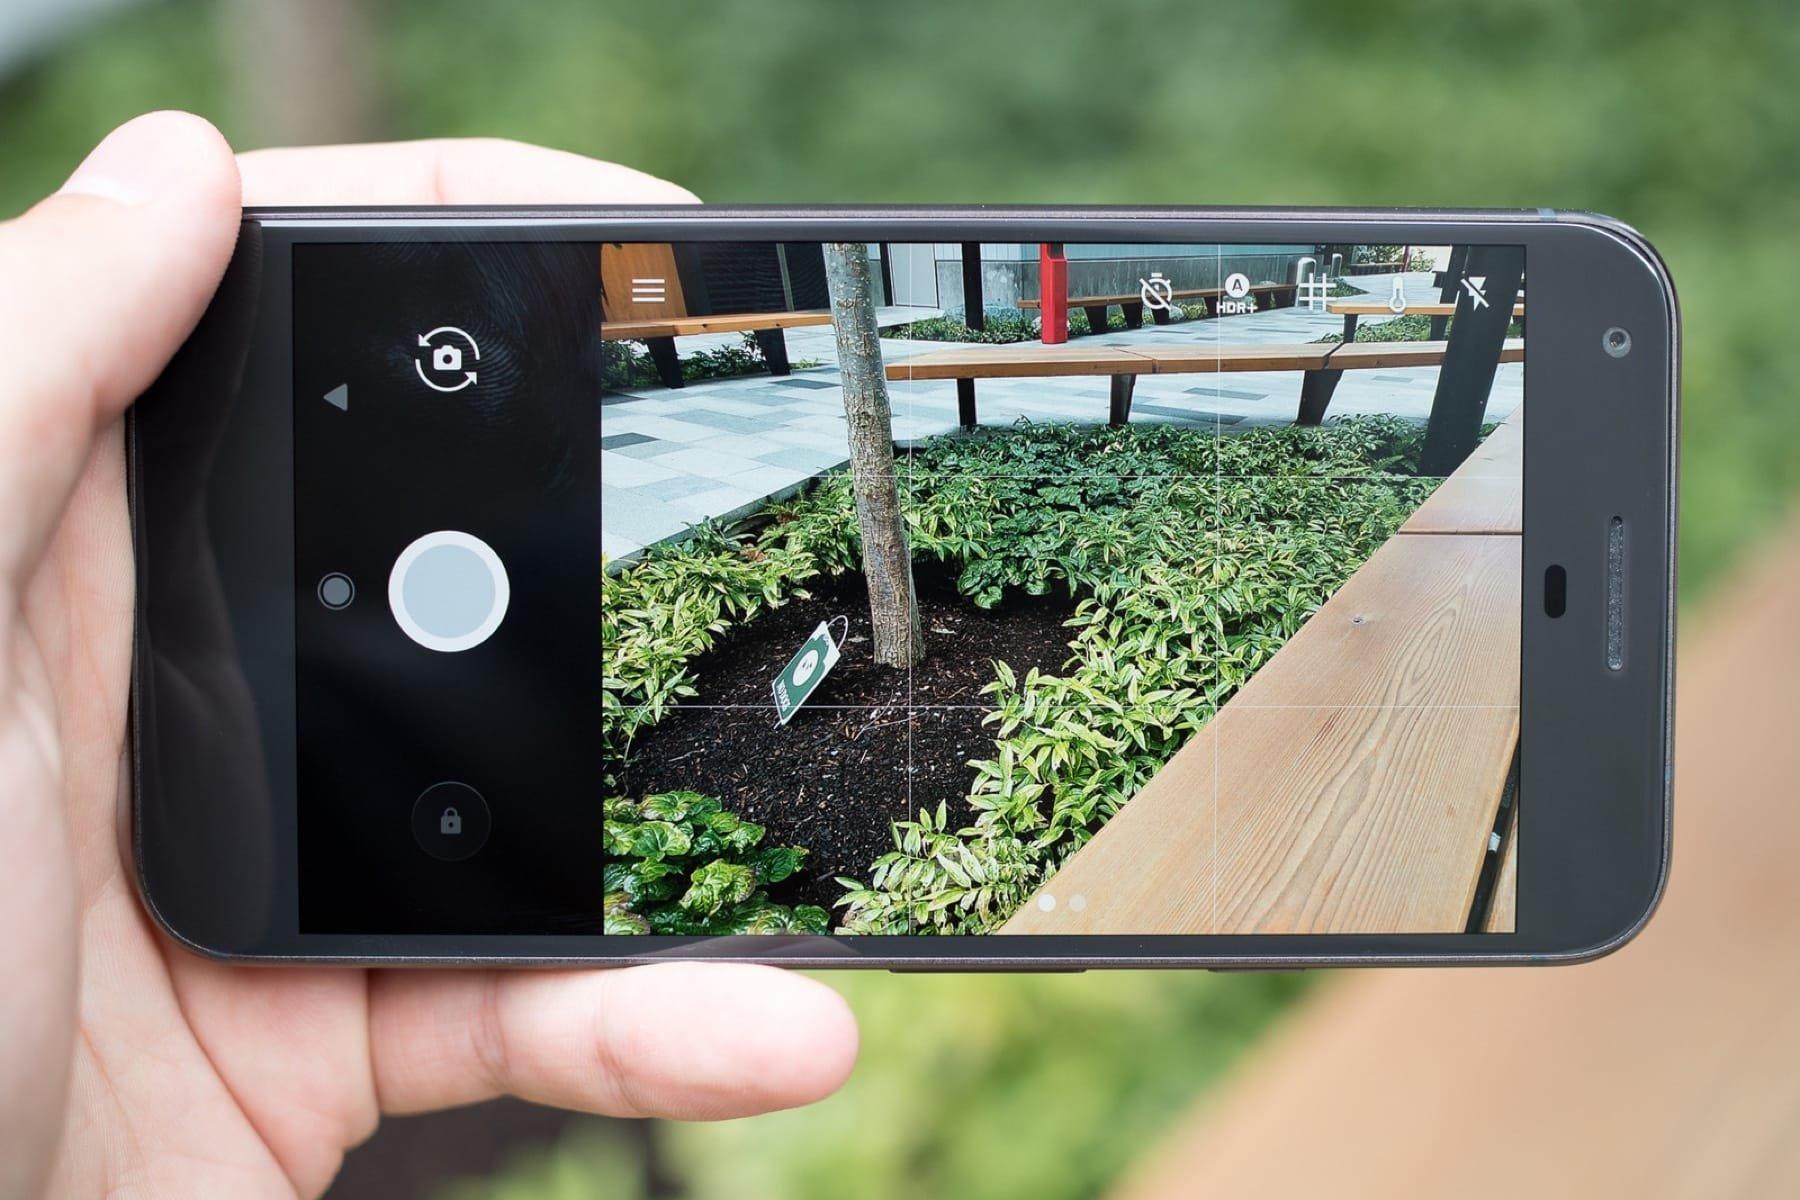 горем смартфоны с хорошими фотокамерами файл компьютер